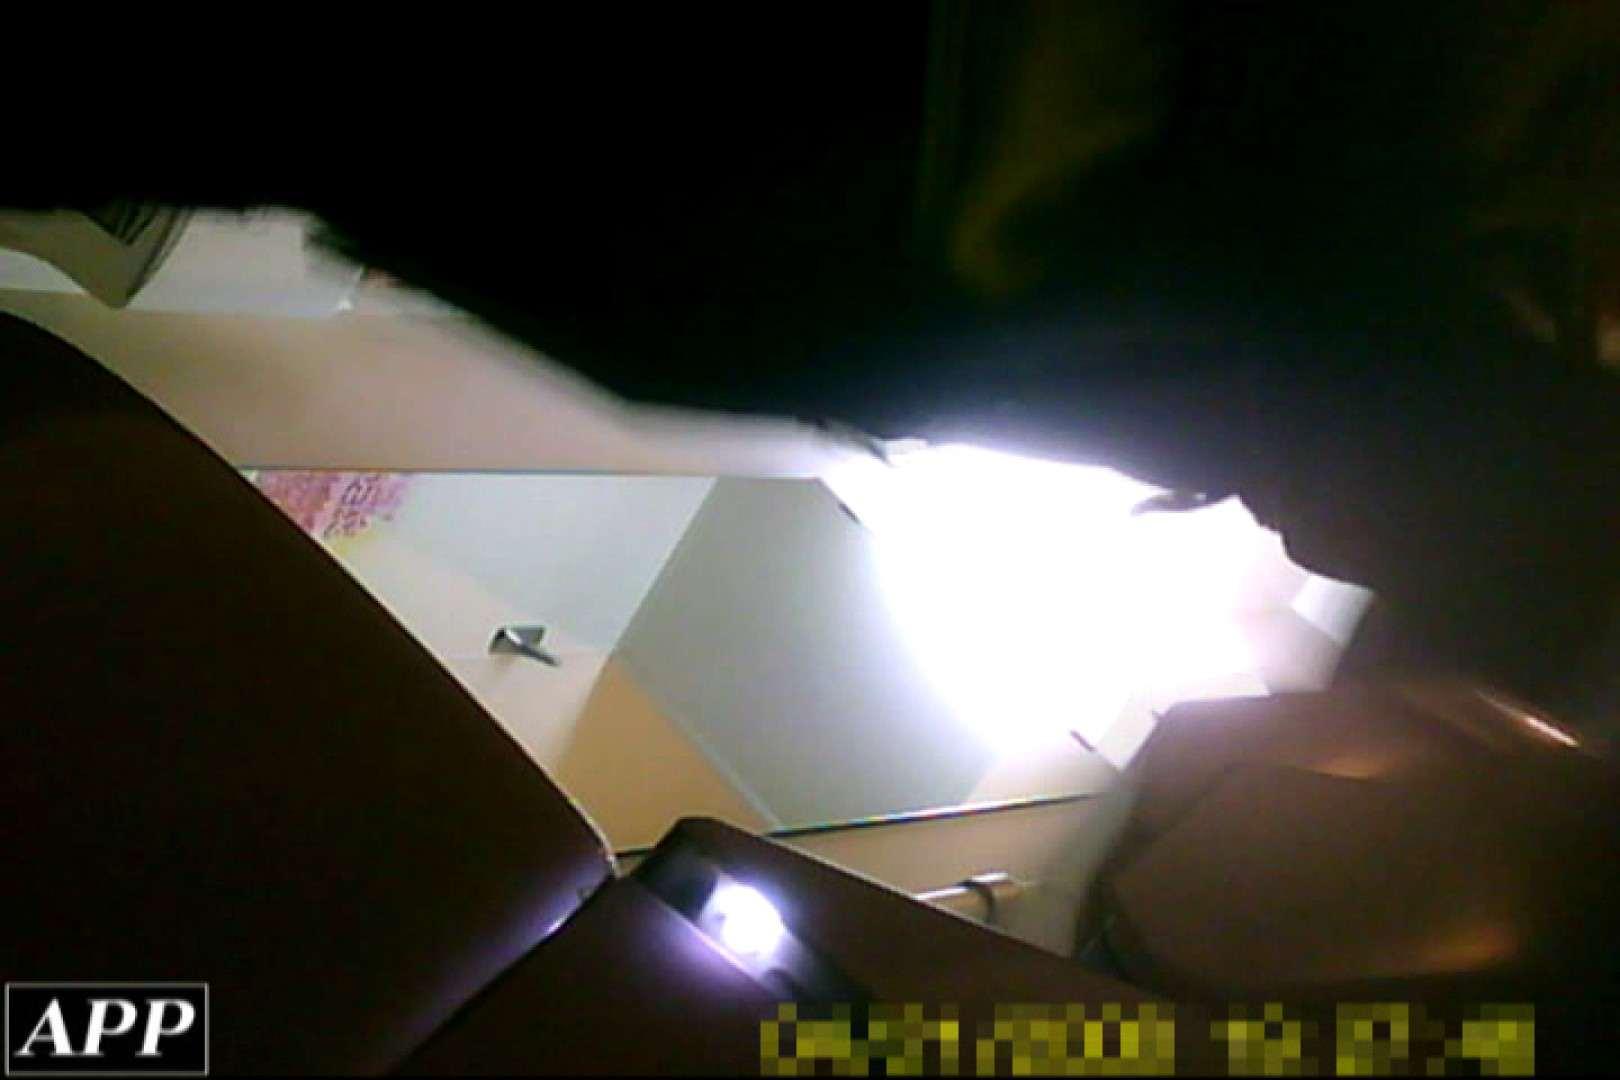 3視点洗面所 vol.057 洗面所はめどり  77画像 50